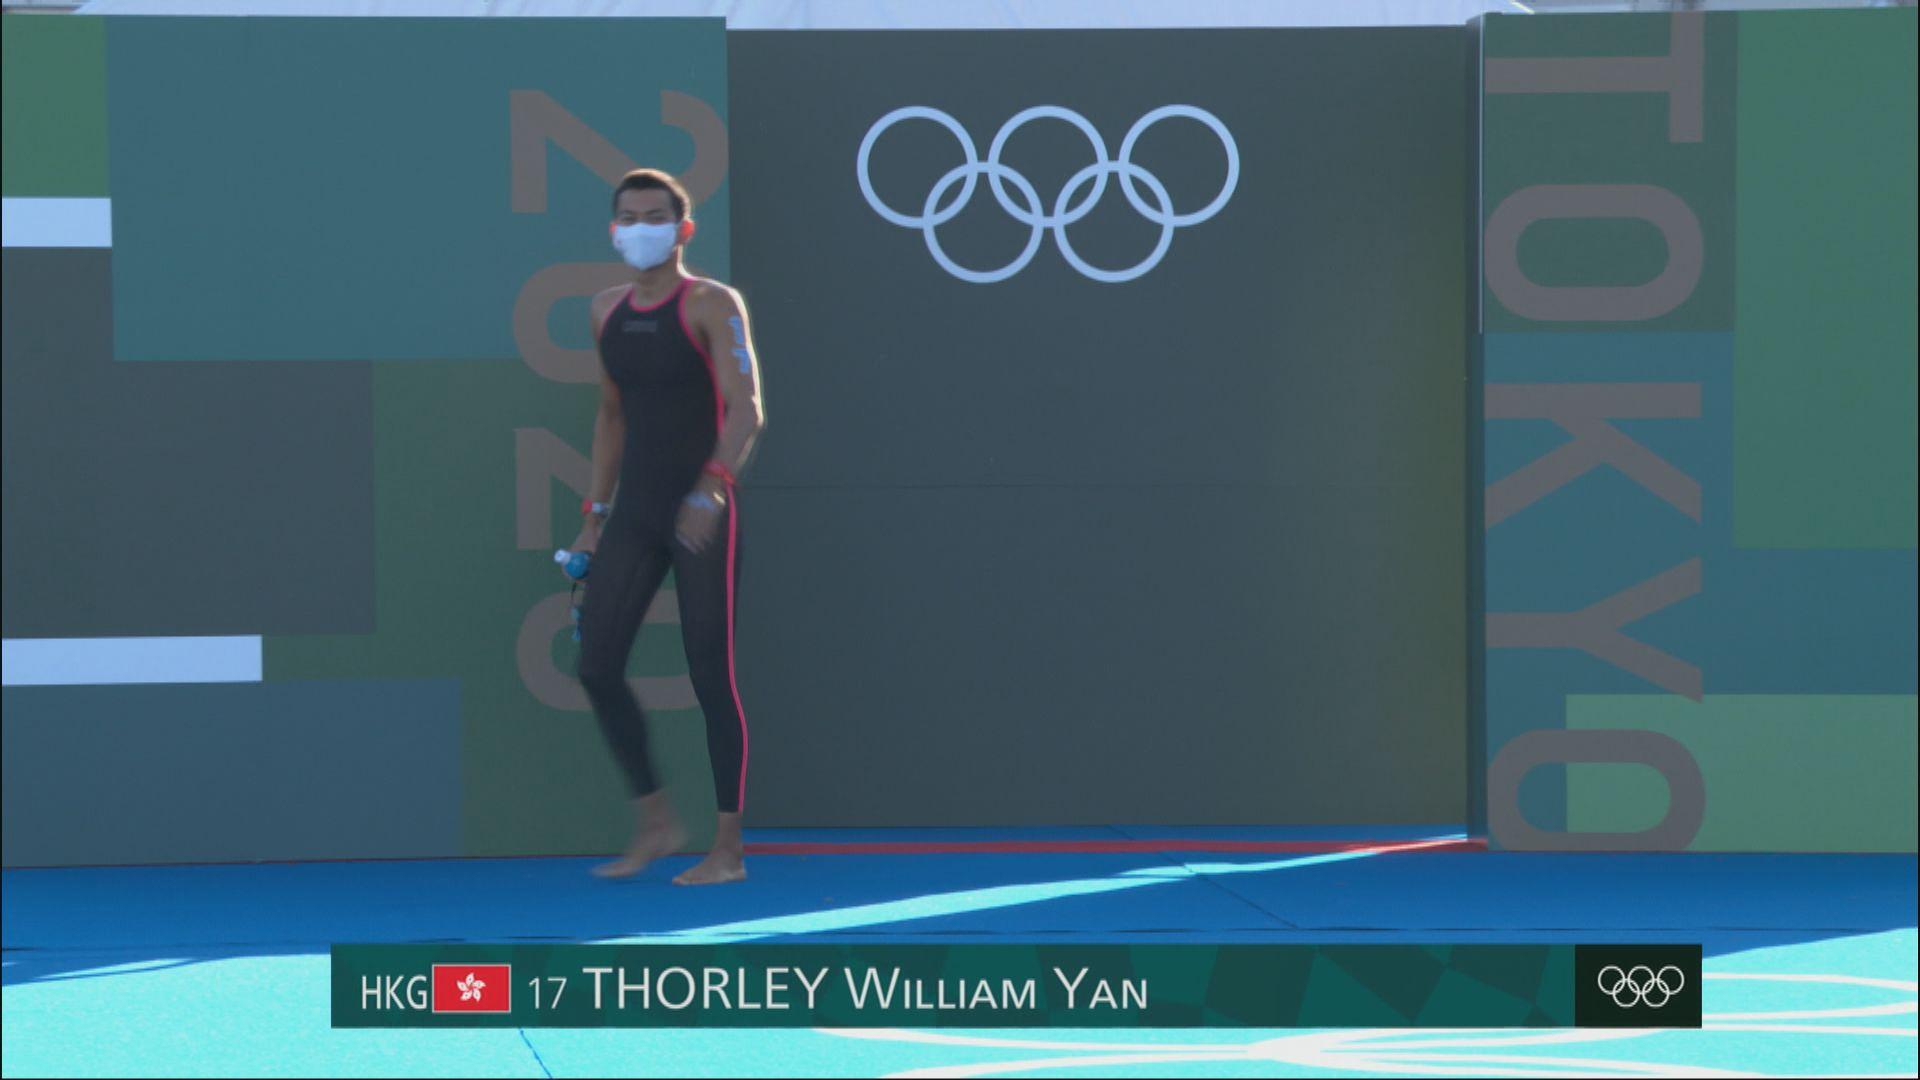 男子十公里馬拉松游泳決賽 港隊方胤排第22名